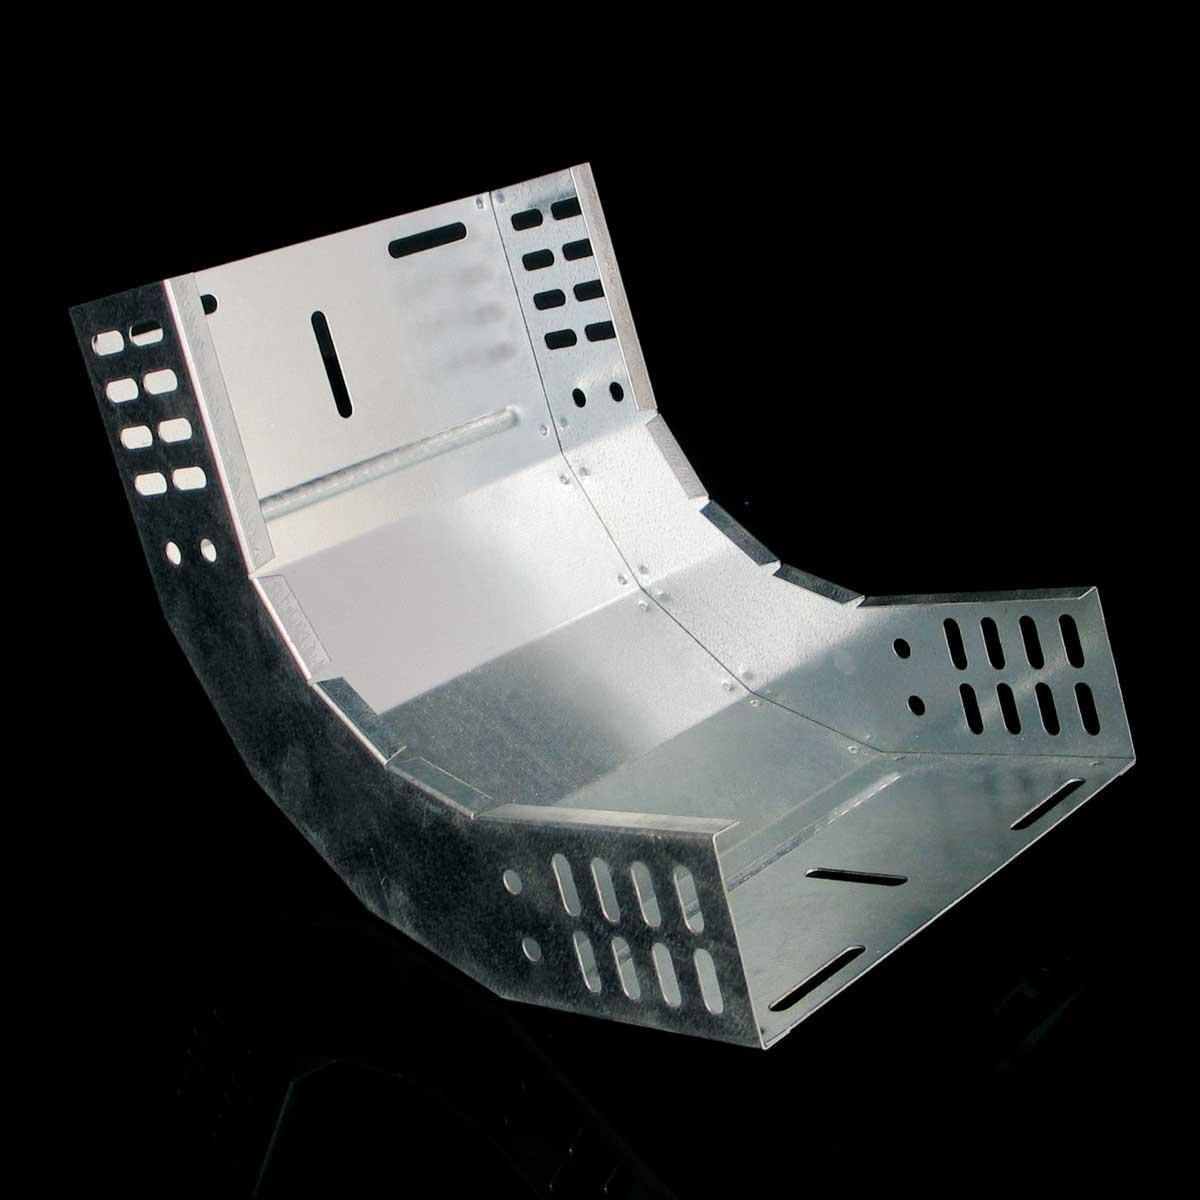 Поворот вертикальний внутрішній 90° JUPITER; розміри-35x200x220mm Товщ. метал-1 Вага-0,85кг/м